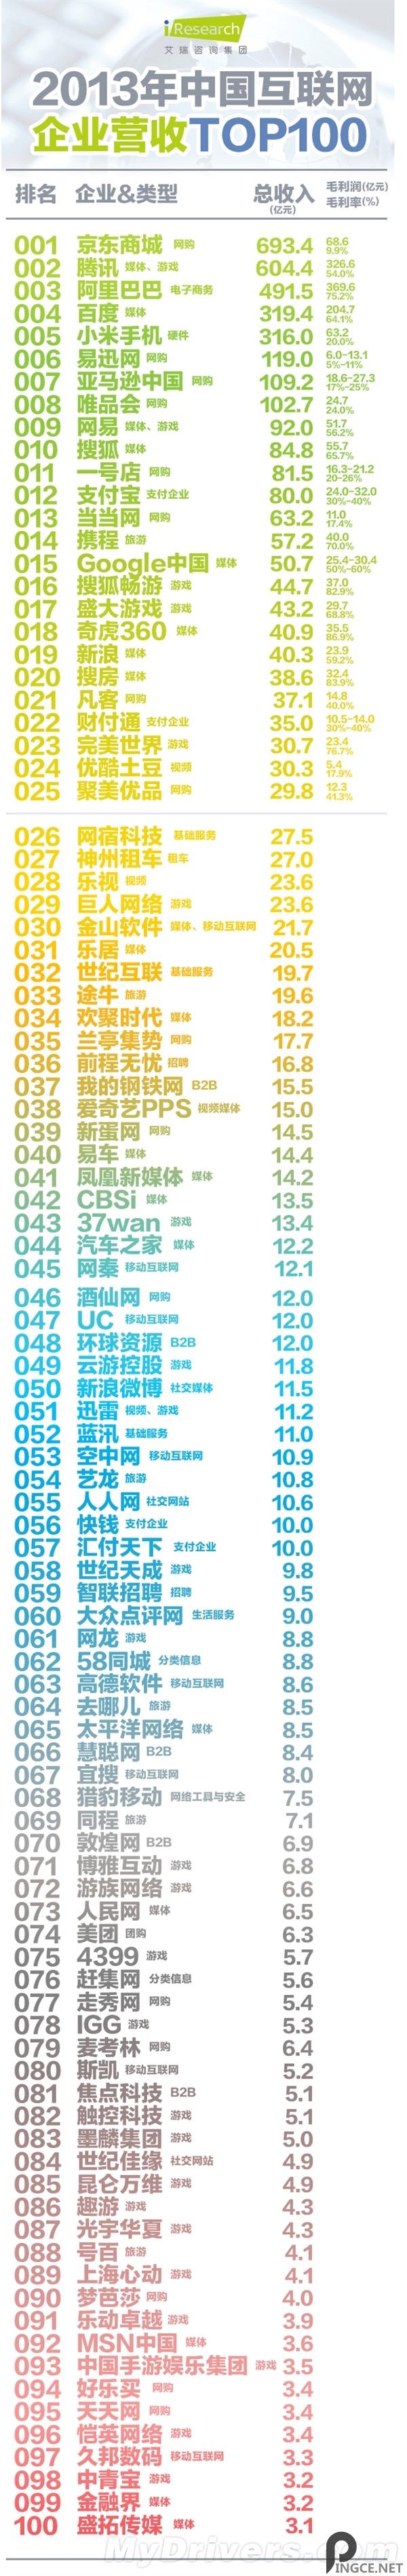 2013中国互联网企业营收TOP100